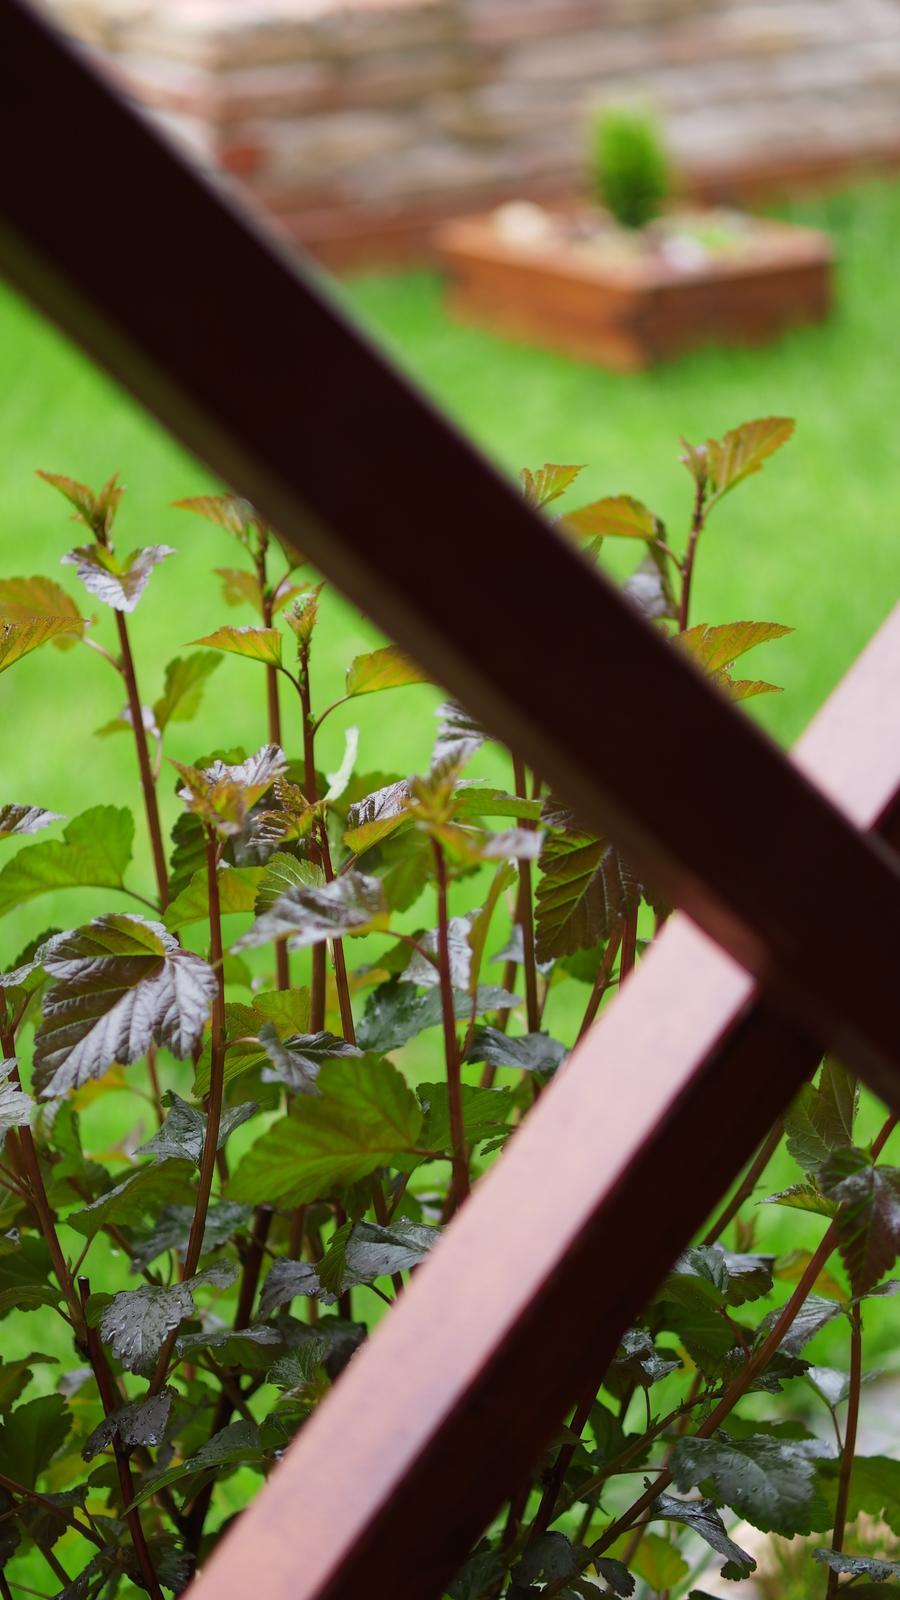 Náš domček ♡ Bramasole ♡ ... Stilo interiér aj exteriér 3. rok bývania - Obrázok č. 77